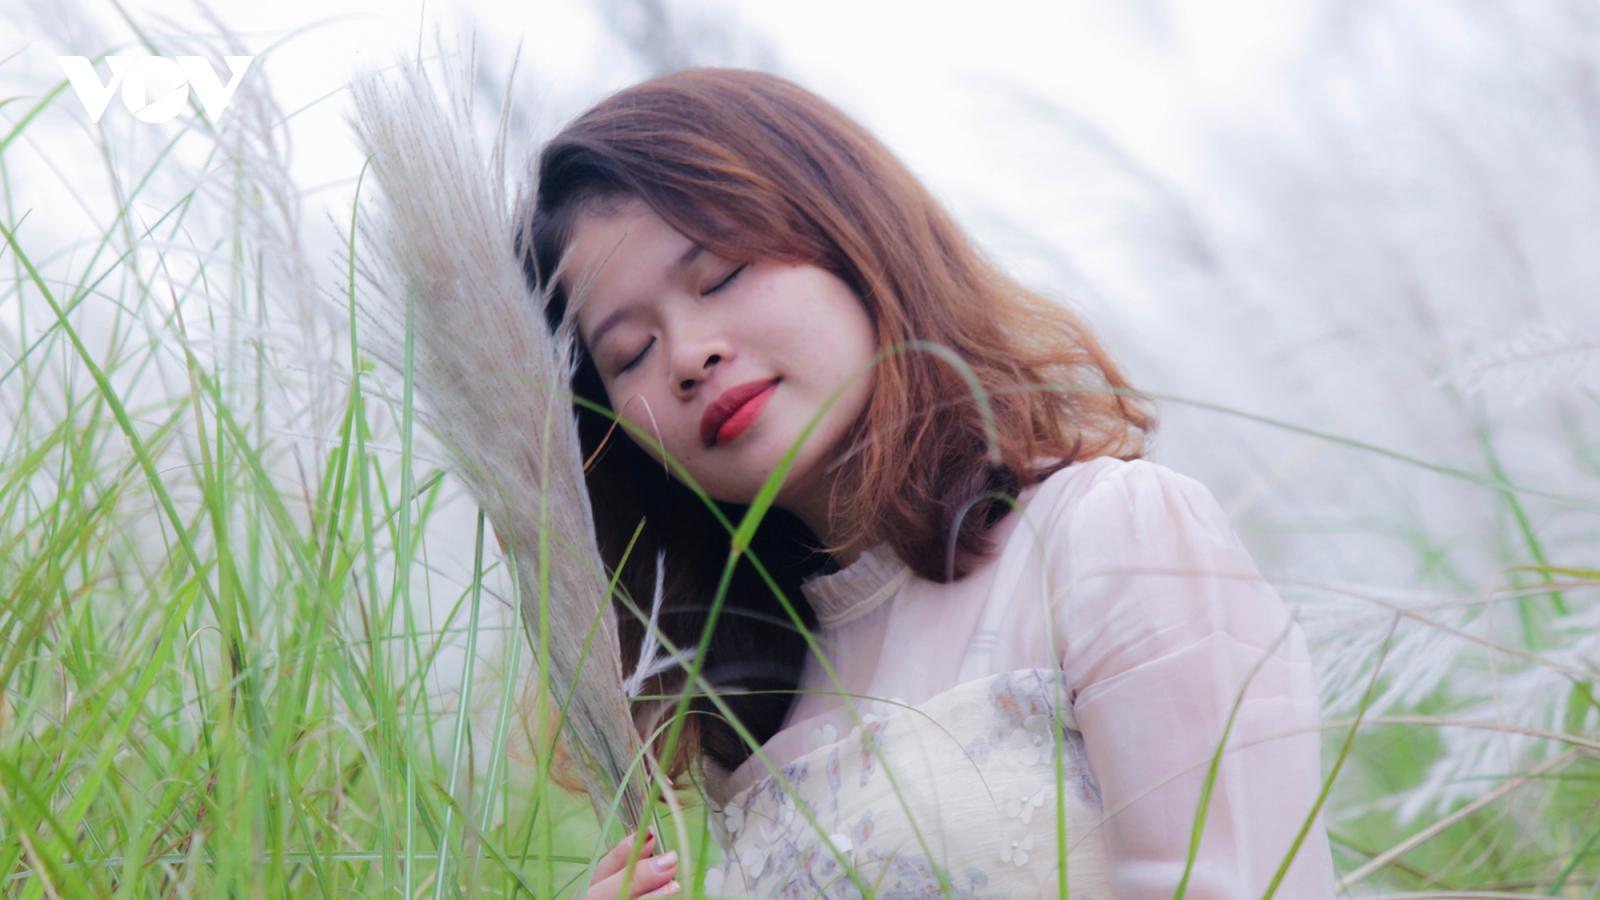 Bãi lau Liên Hà (Đan Phượng): Điểm check - in mới cho giới trẻ Hà Thành